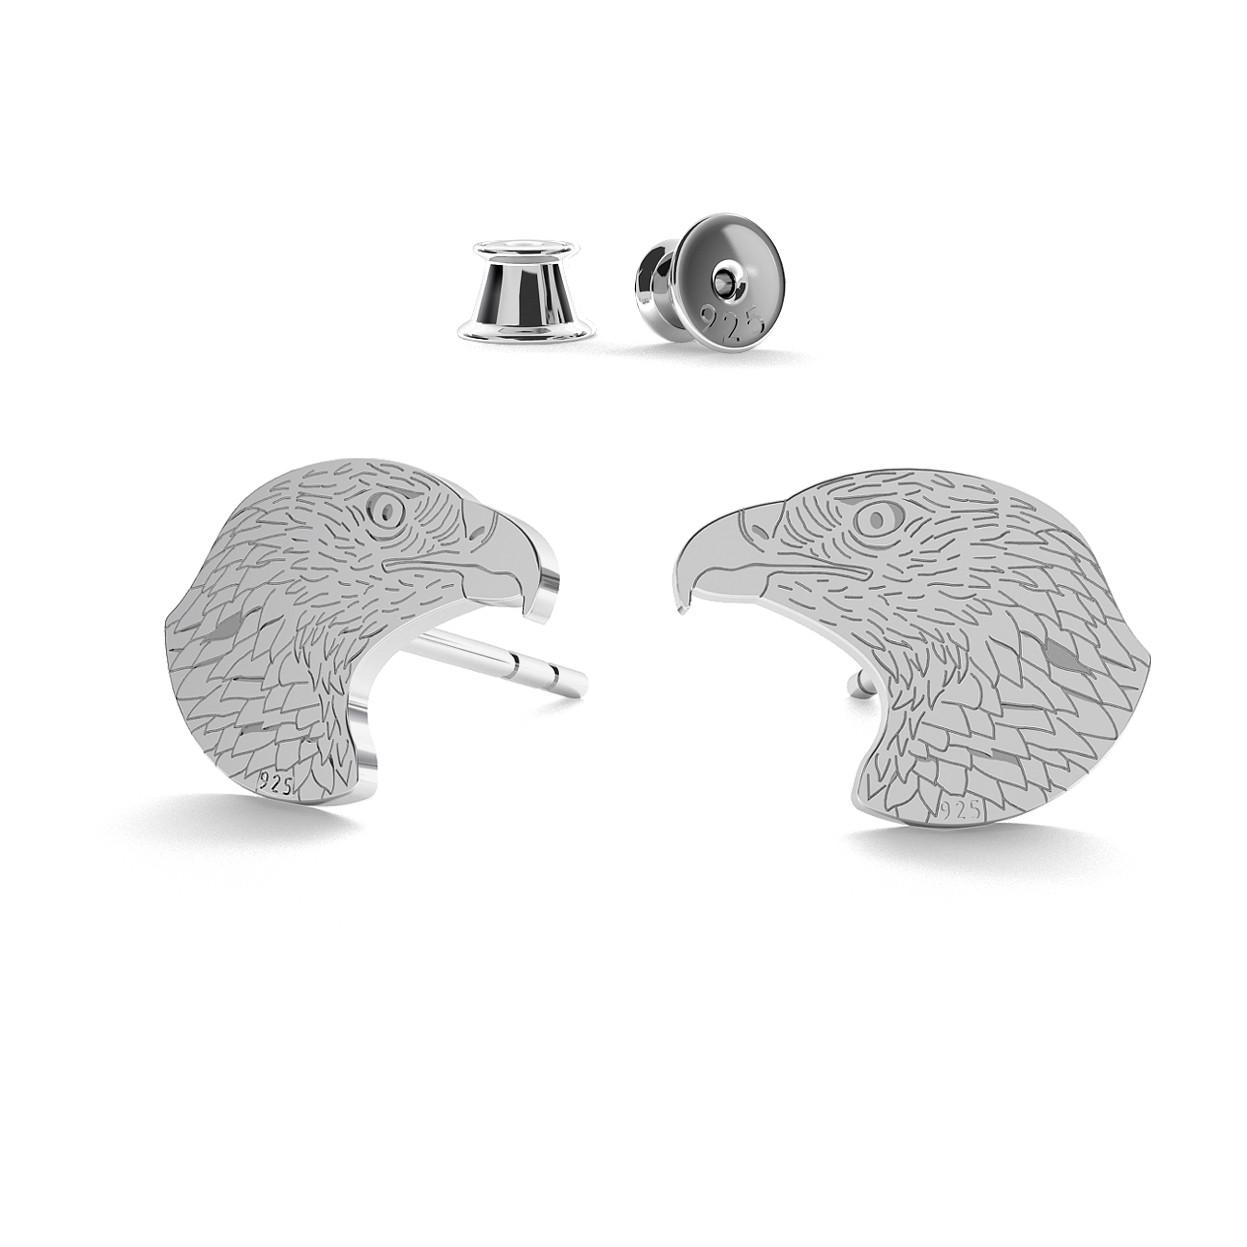 EAGLE EARRING